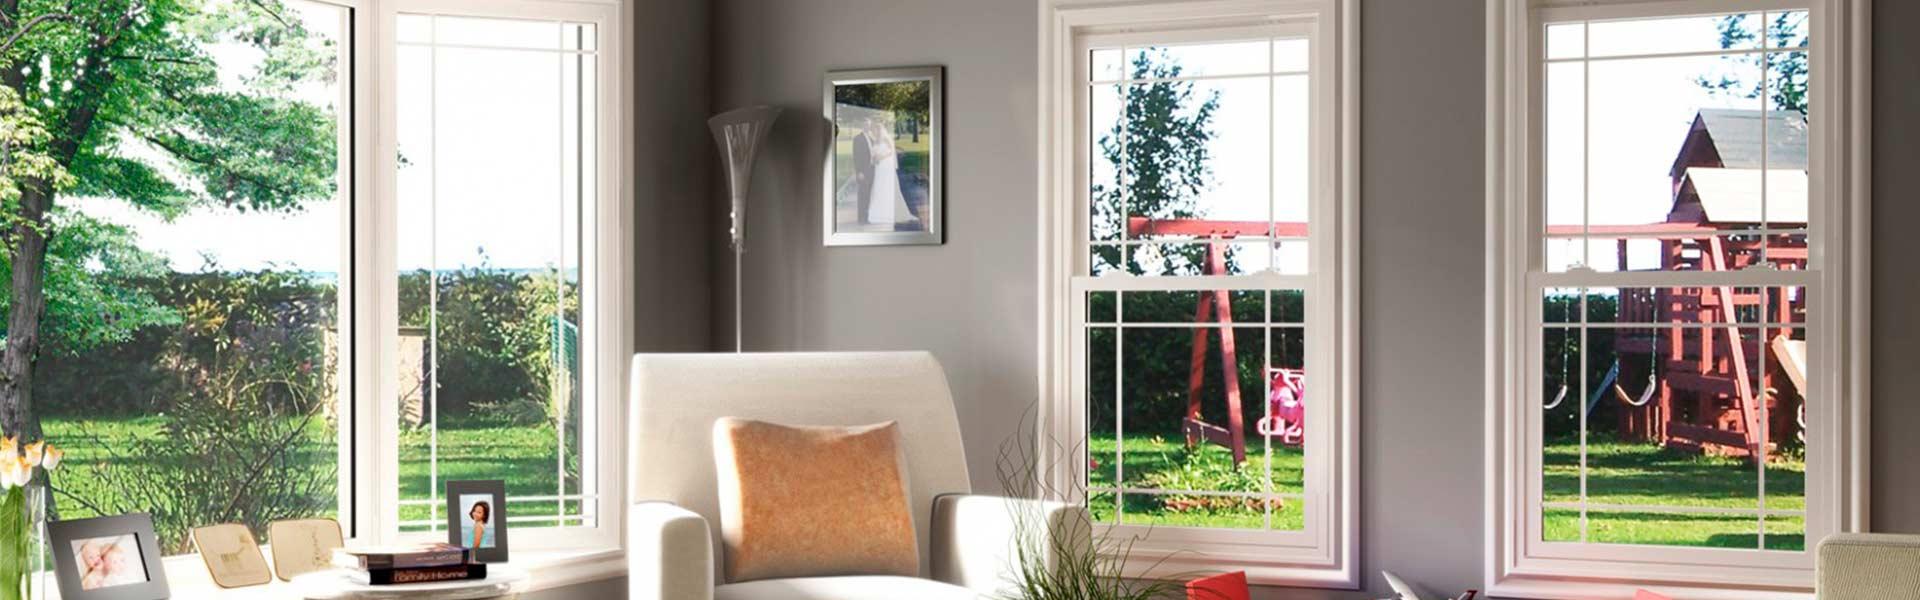 Aluminios las rozas puertas y ventanas - Persianas las rozas ...